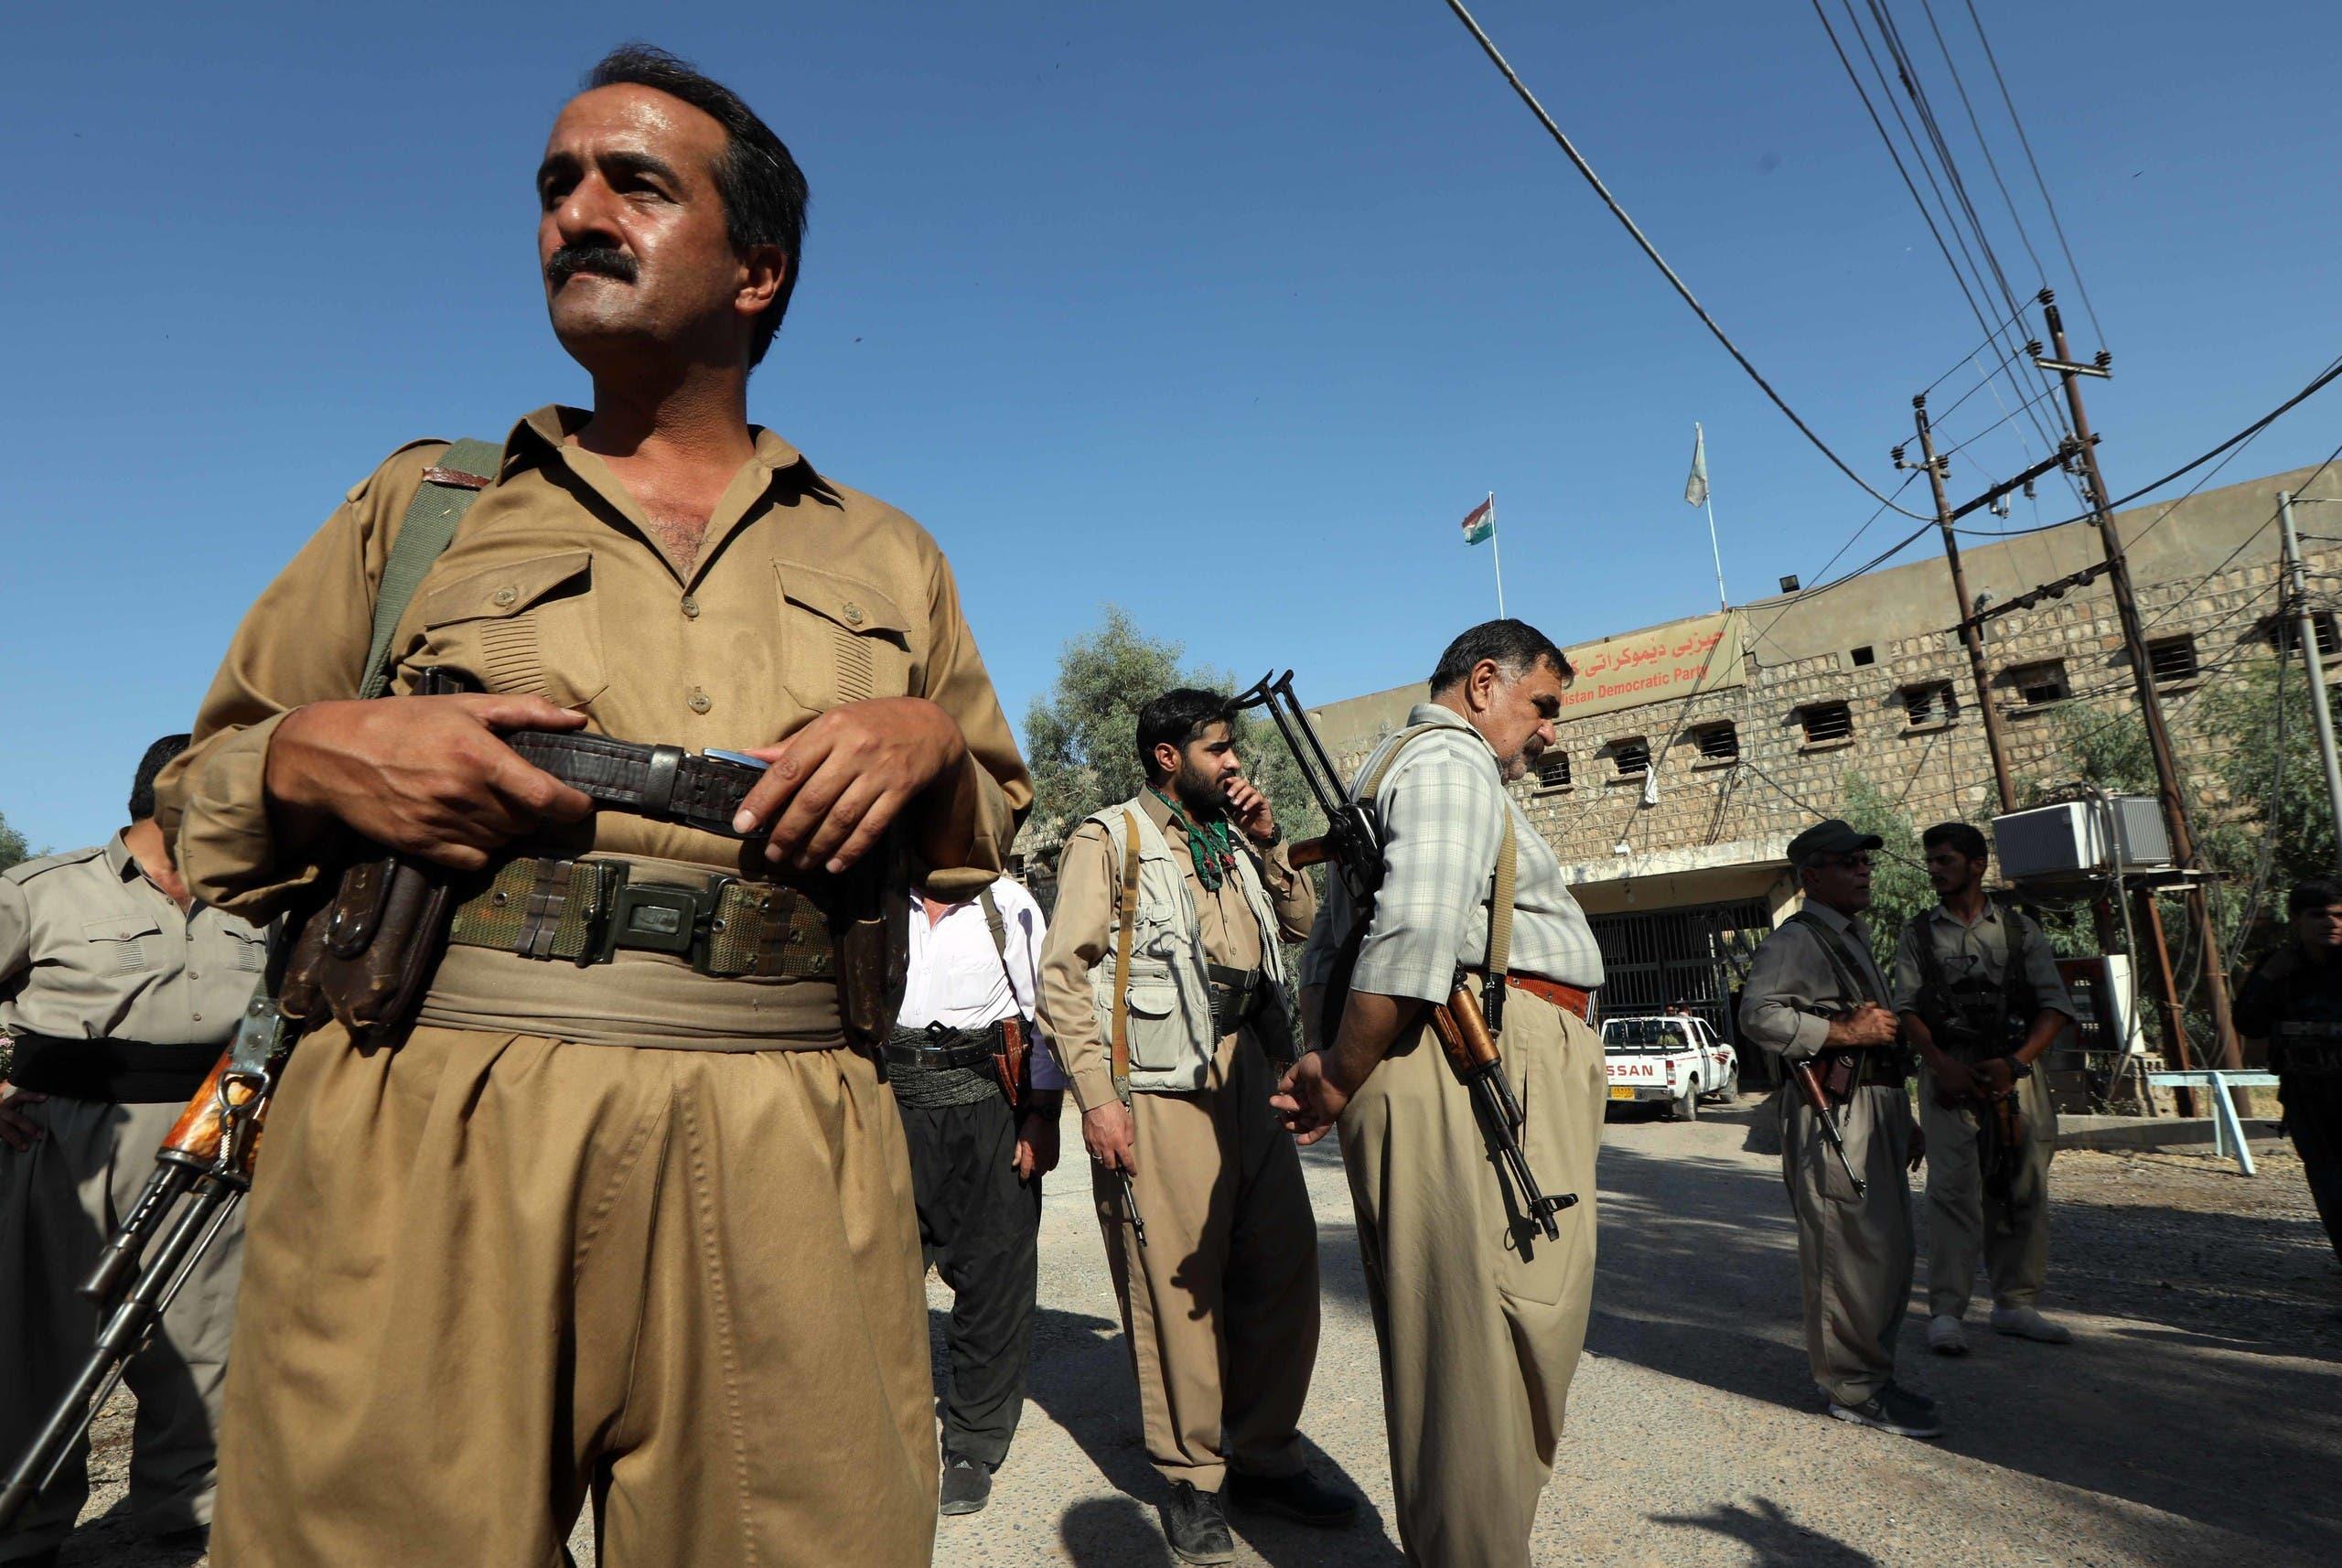 مقاتلون من الحزب الكردستاني الديمقراطي الإيراني قرب مقر للحزب في اربيل بالعراق